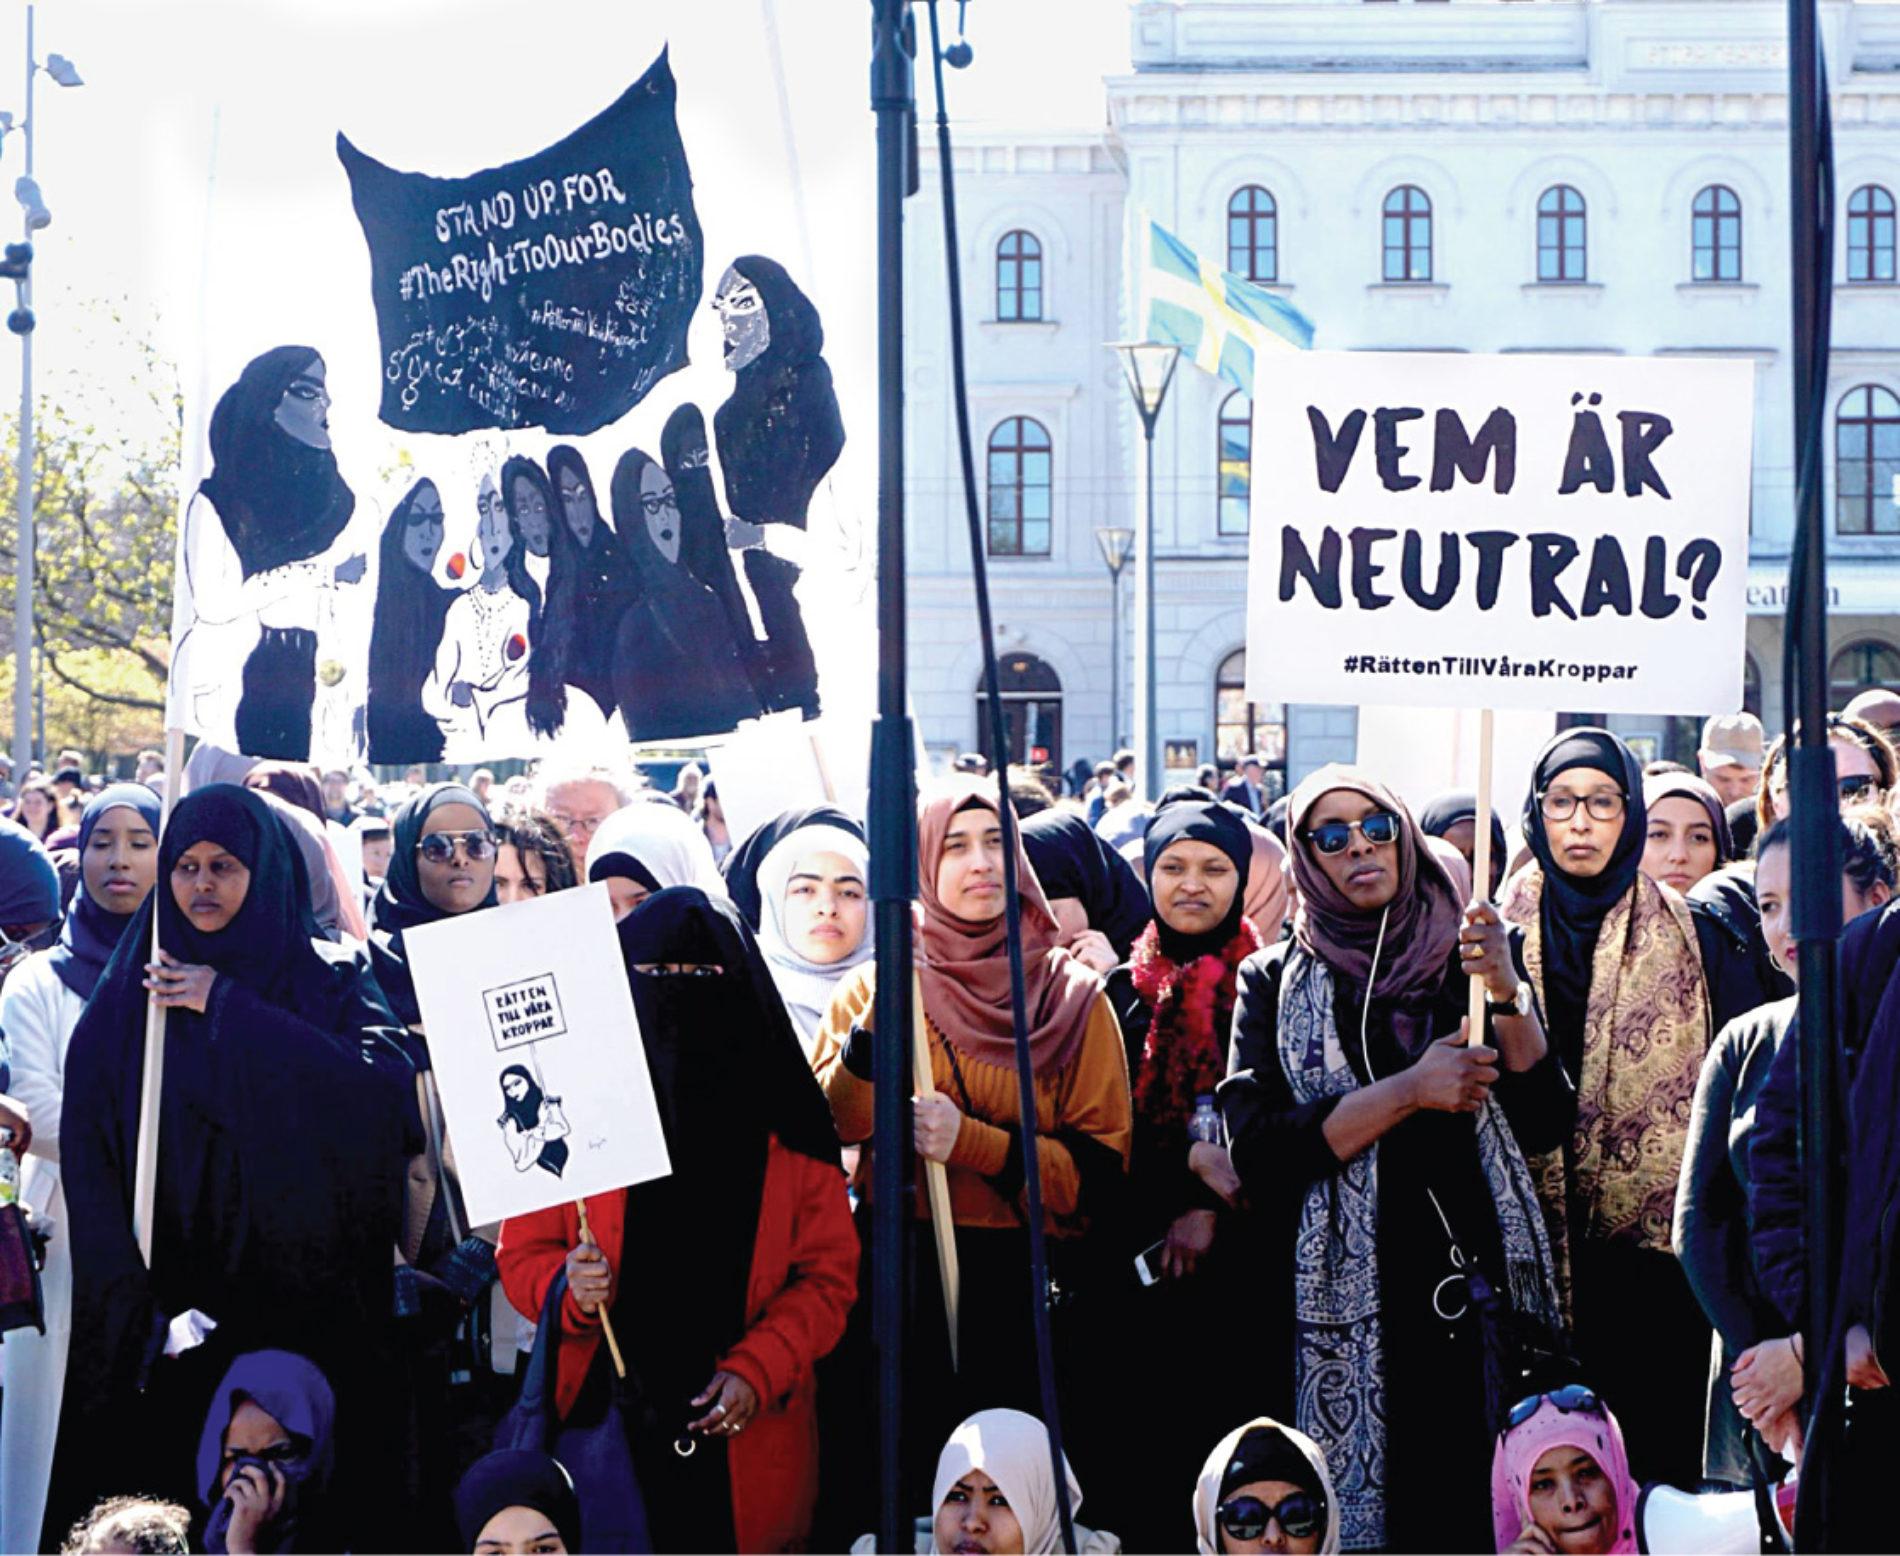 Debatt: Stå upp för muslimska kvinnors rätt till arbete